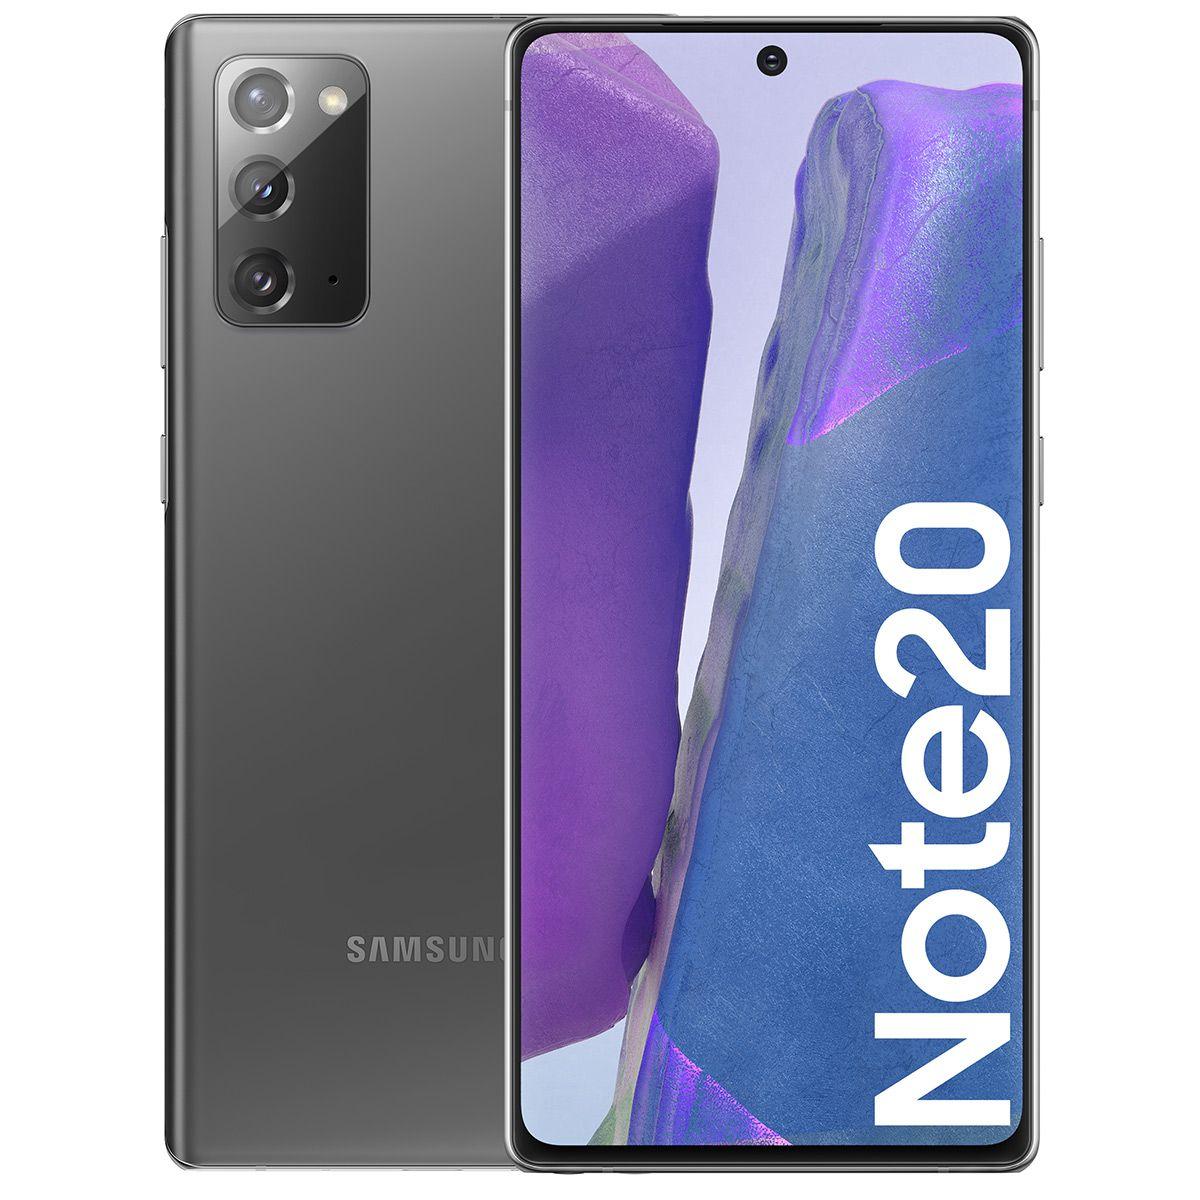 """Smartphone 6.7"""" Samsung Galaxy Note 20 (4G) - Full HD+, Exynos 990 ou Snapdragon 865+, RAM 8 Go, 256 Go (+ Jusqu'à 100.50€ en SuperPoints)"""